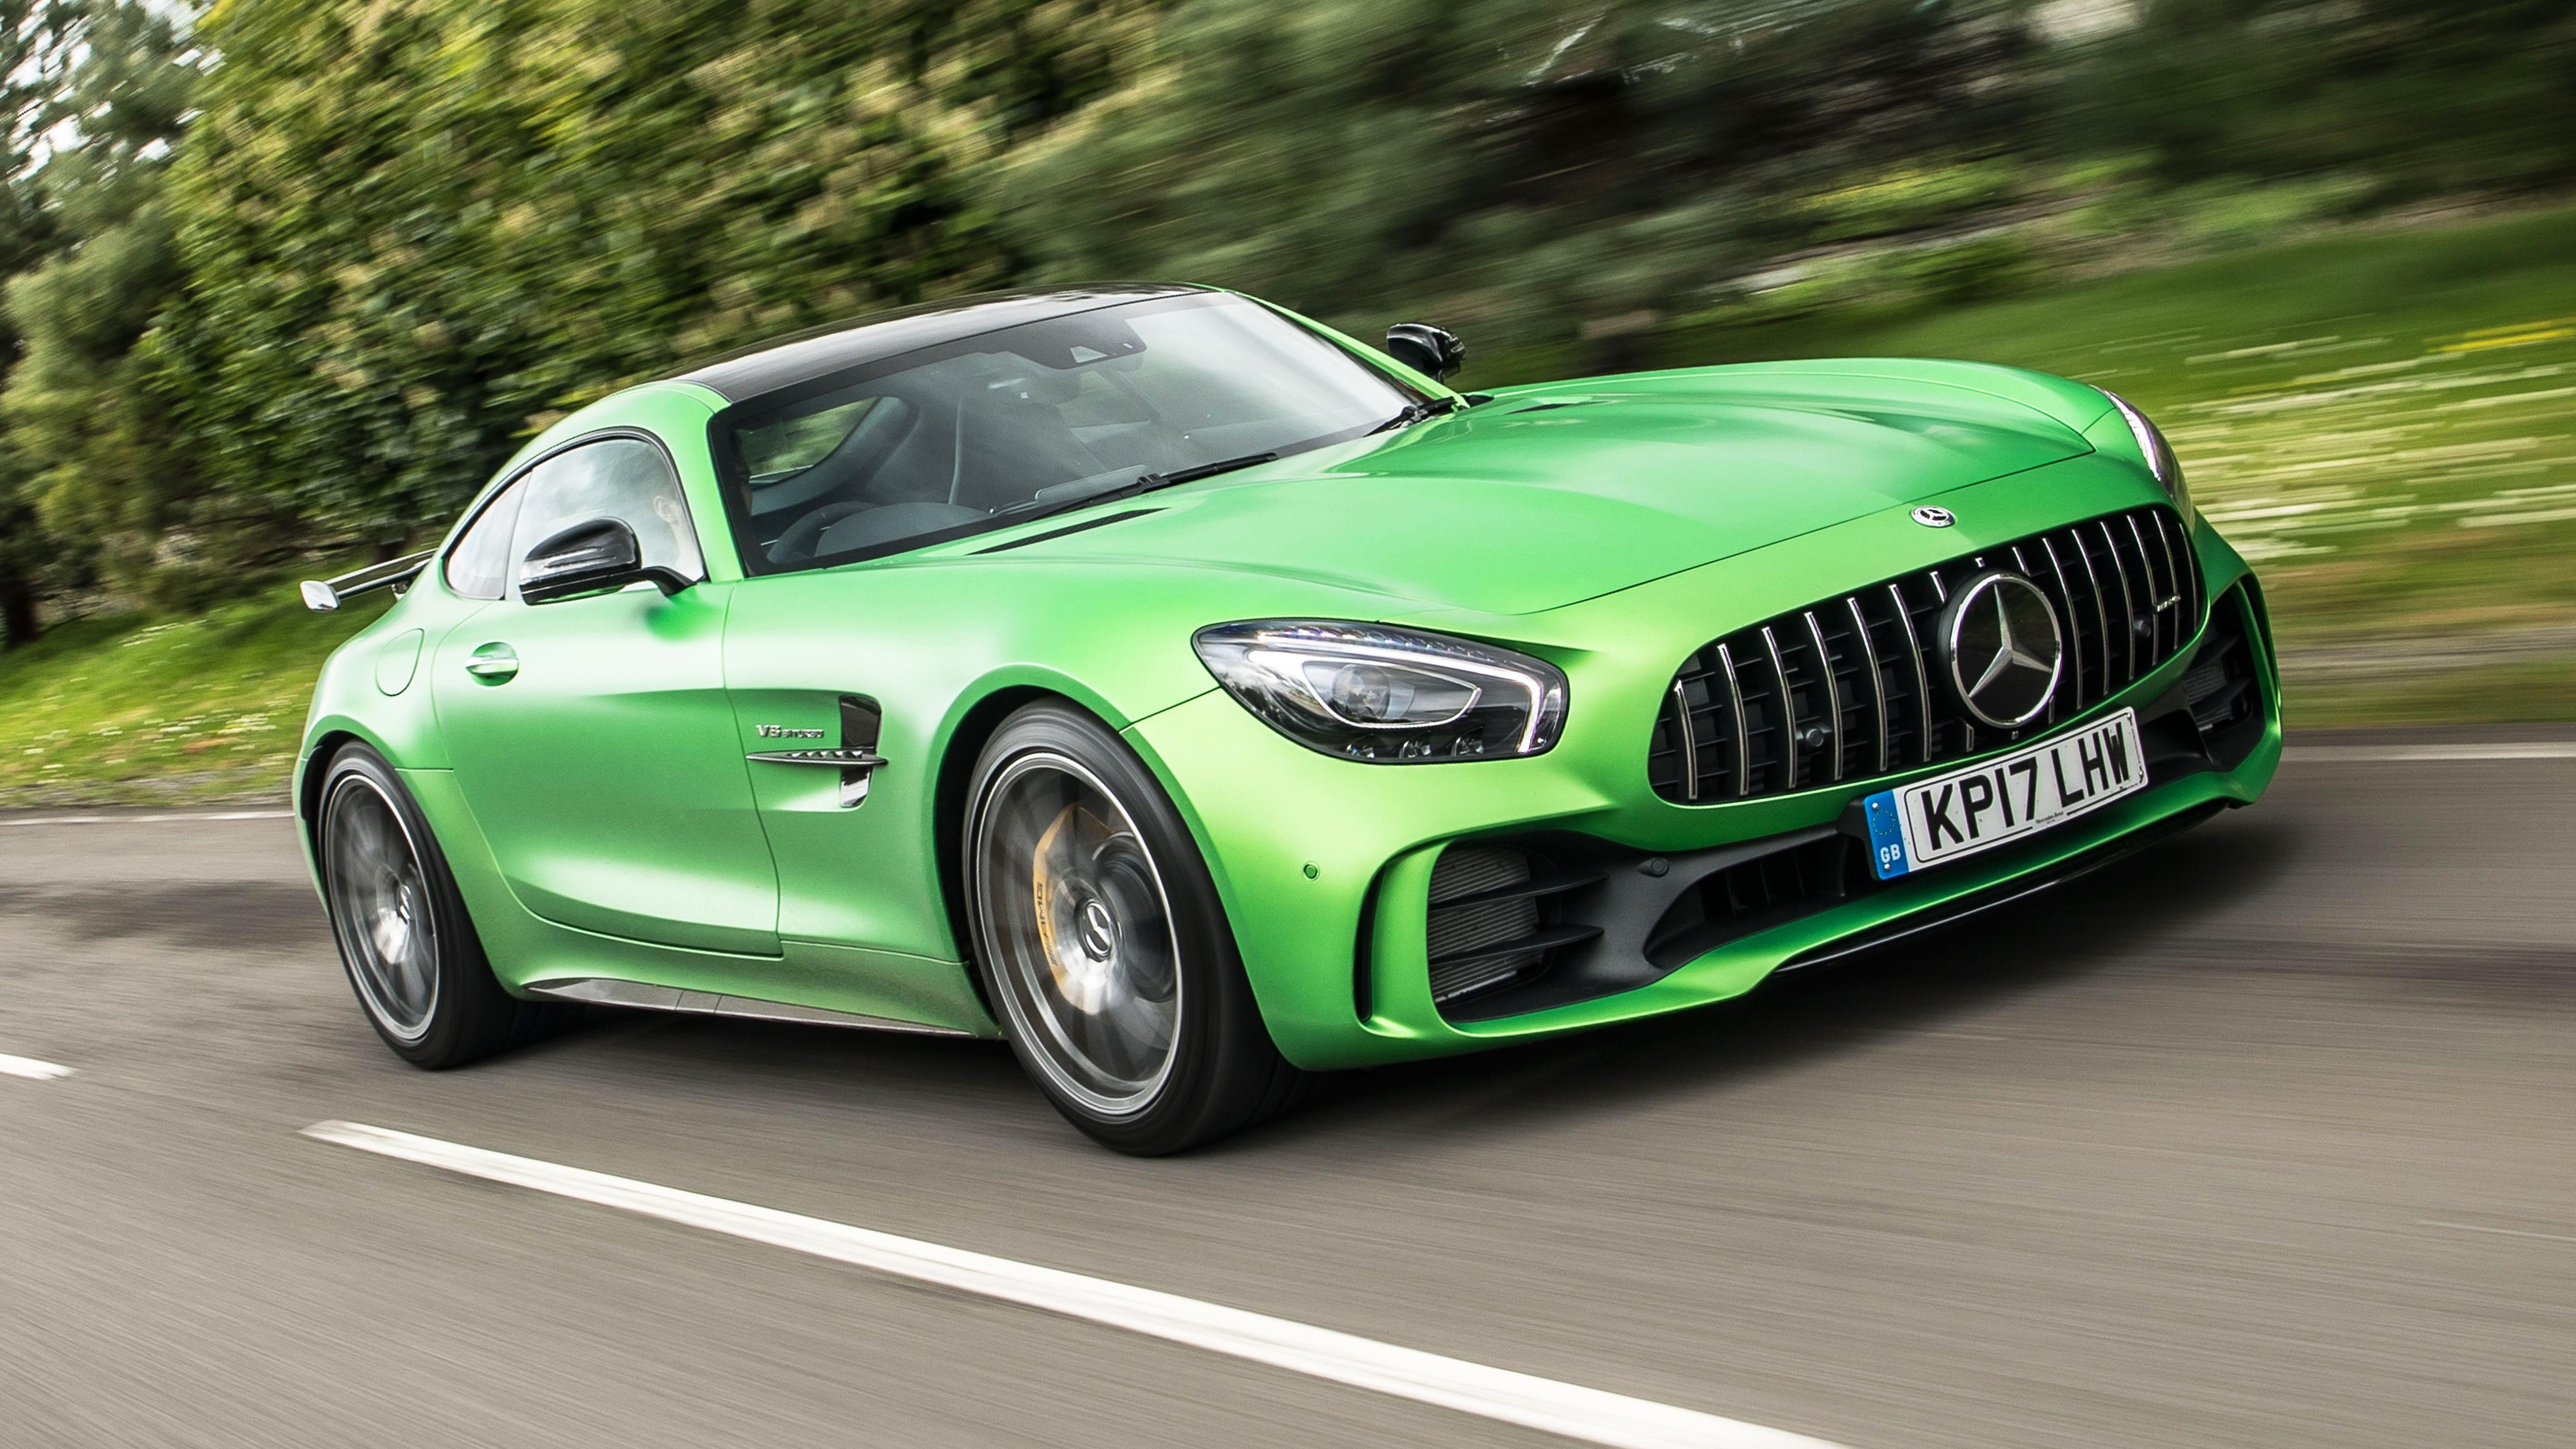 Mercedes Amg Gt C >> AMG GT | Top Gear